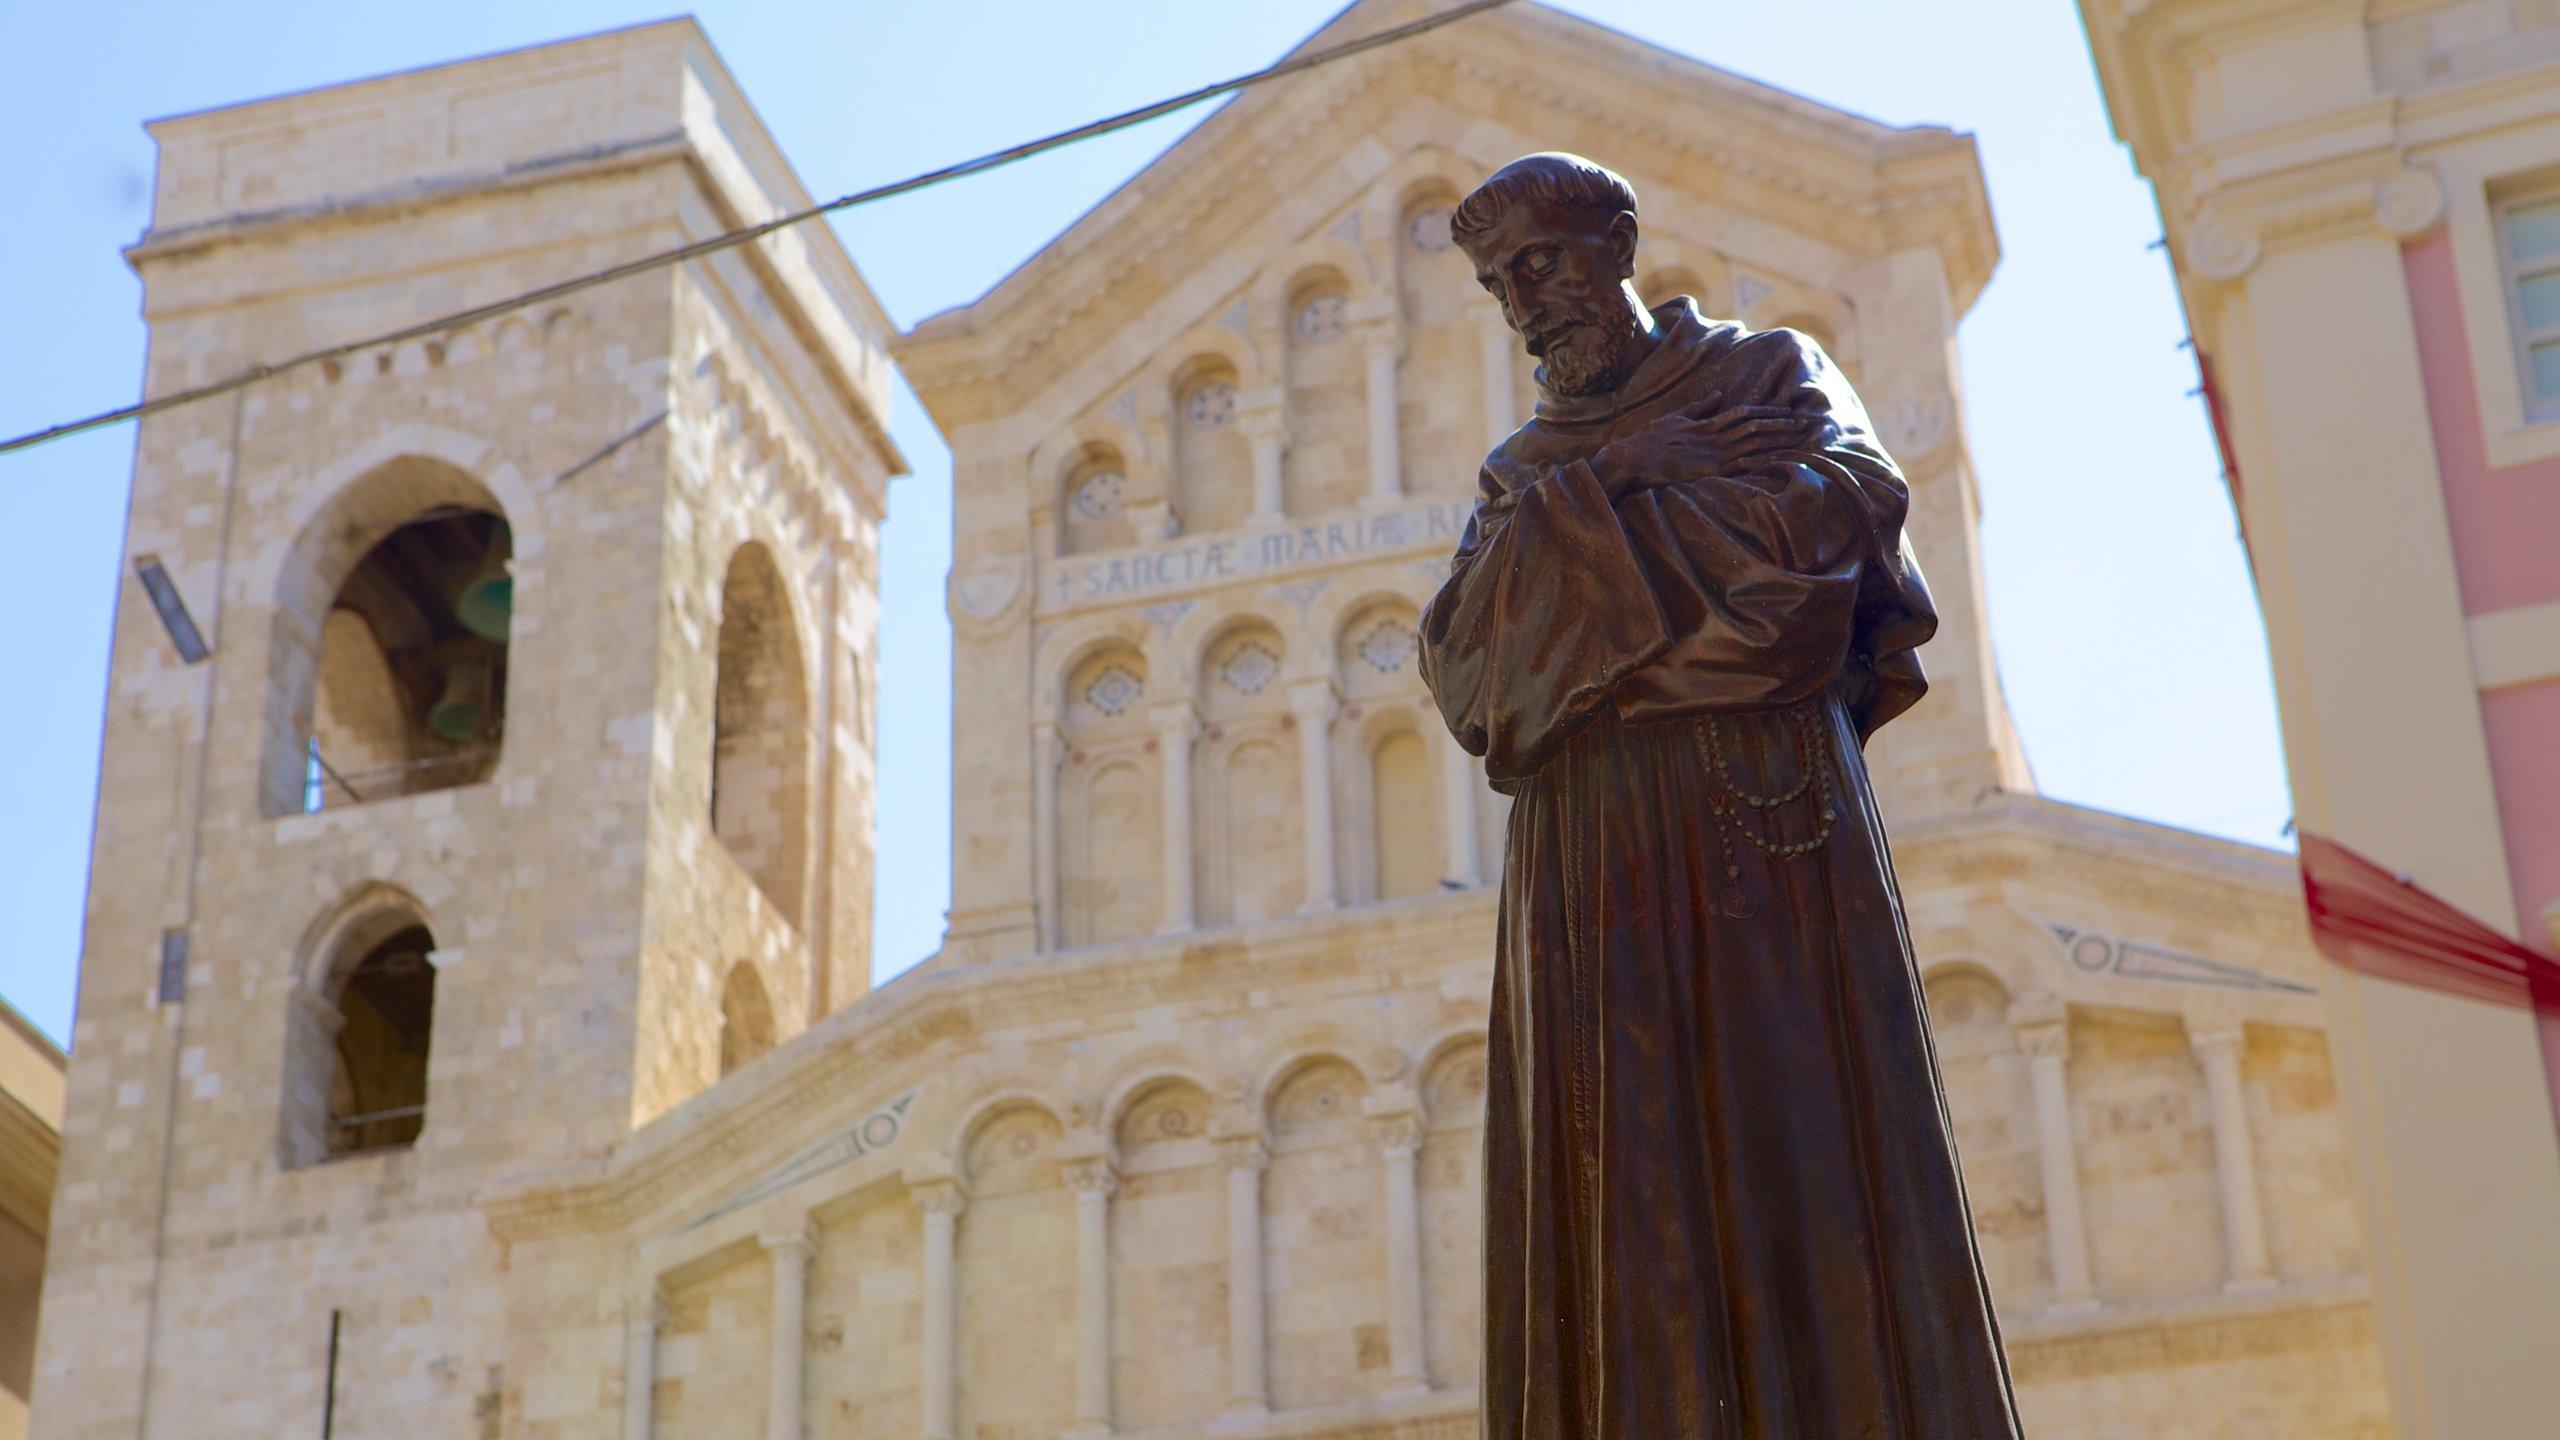 Historic Castle District, Cagliari, Sardinia, Italy